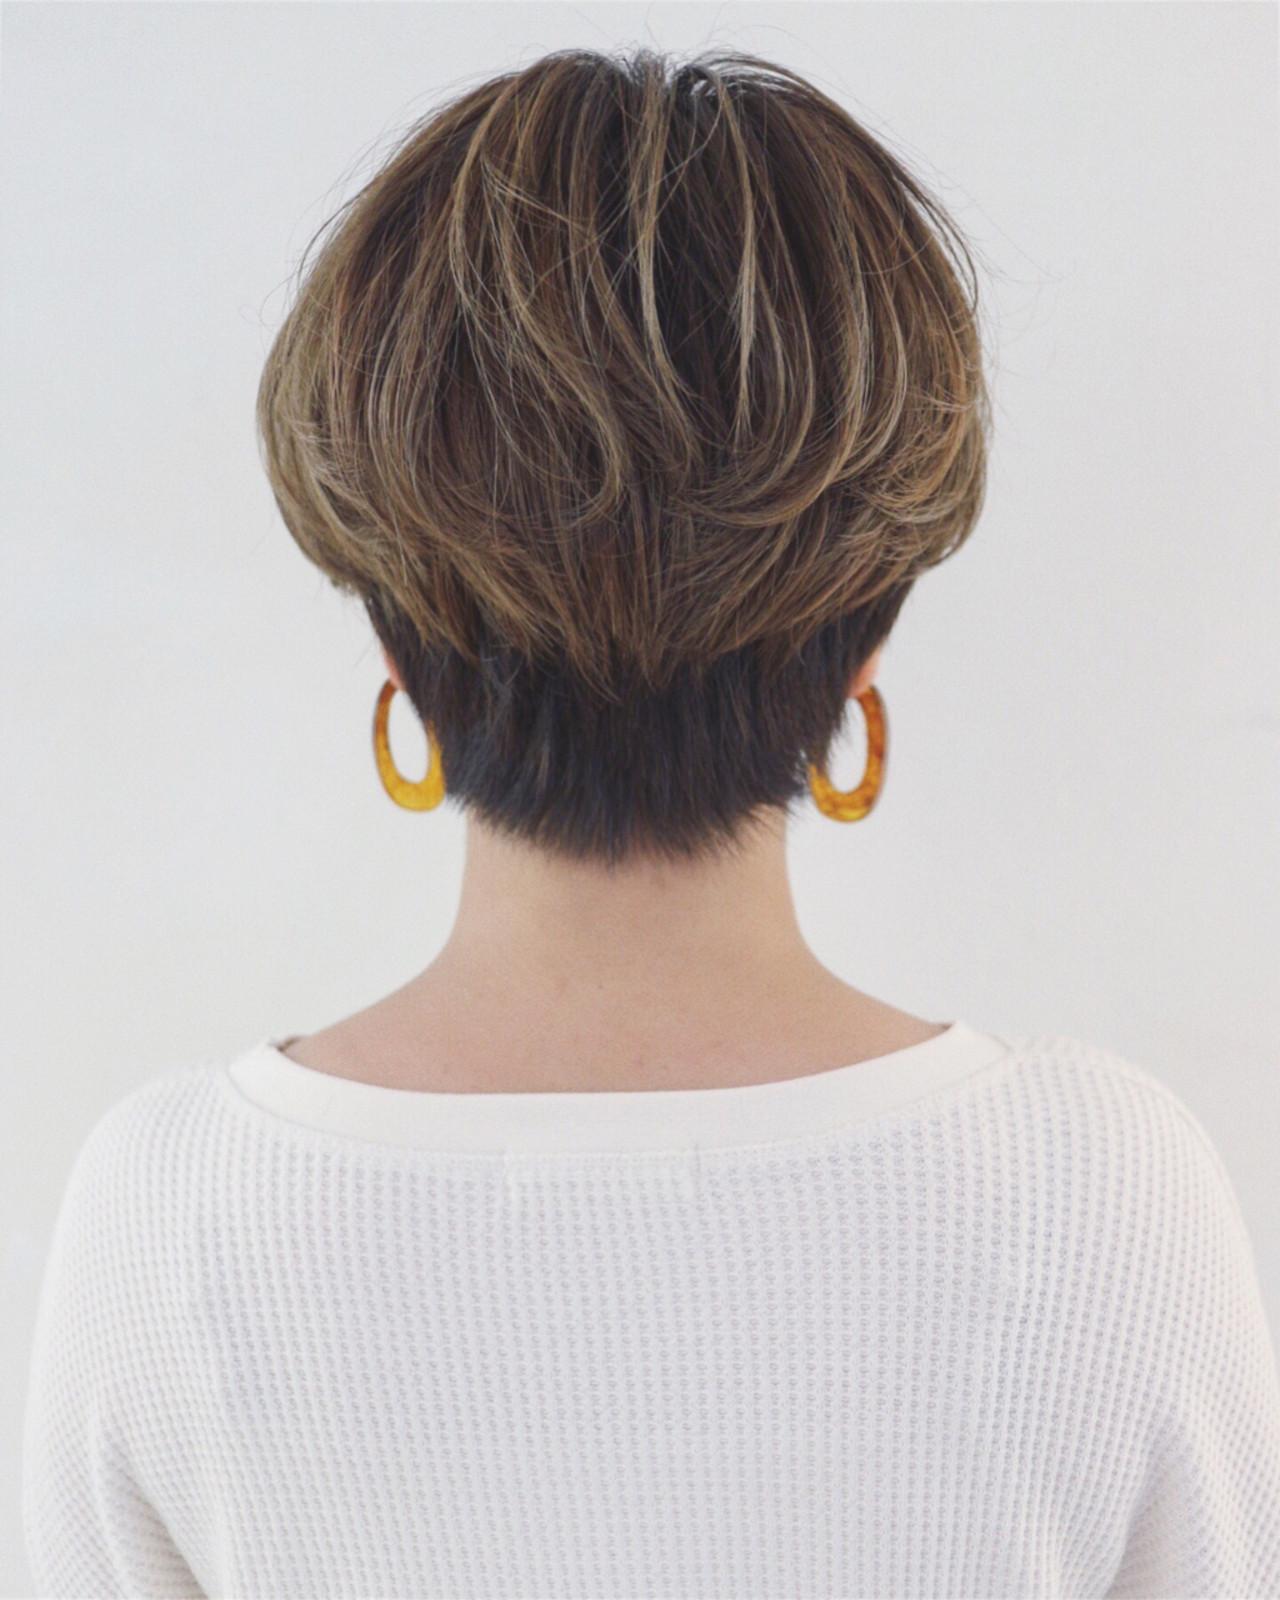 ハイライト 前下がり マニッシュ かっこいい ヘアスタイルや髪型の写真・画像 | 三好 佳奈美 / Baco.(バコ)